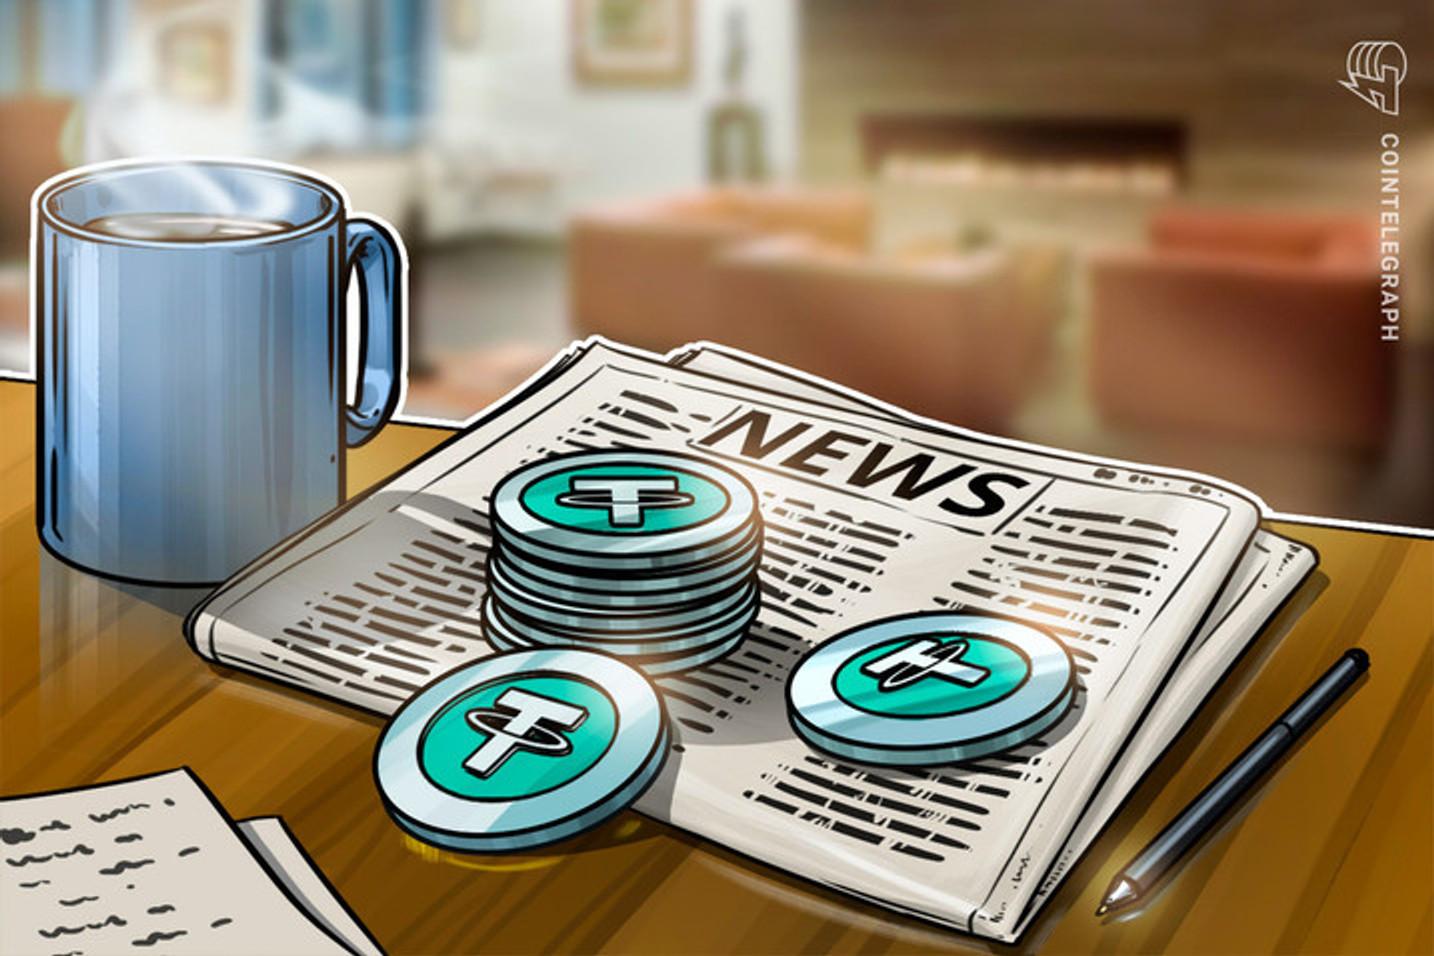 El exchange Gate.io lanzó una función que permite comerciar opciones BTC/USDT